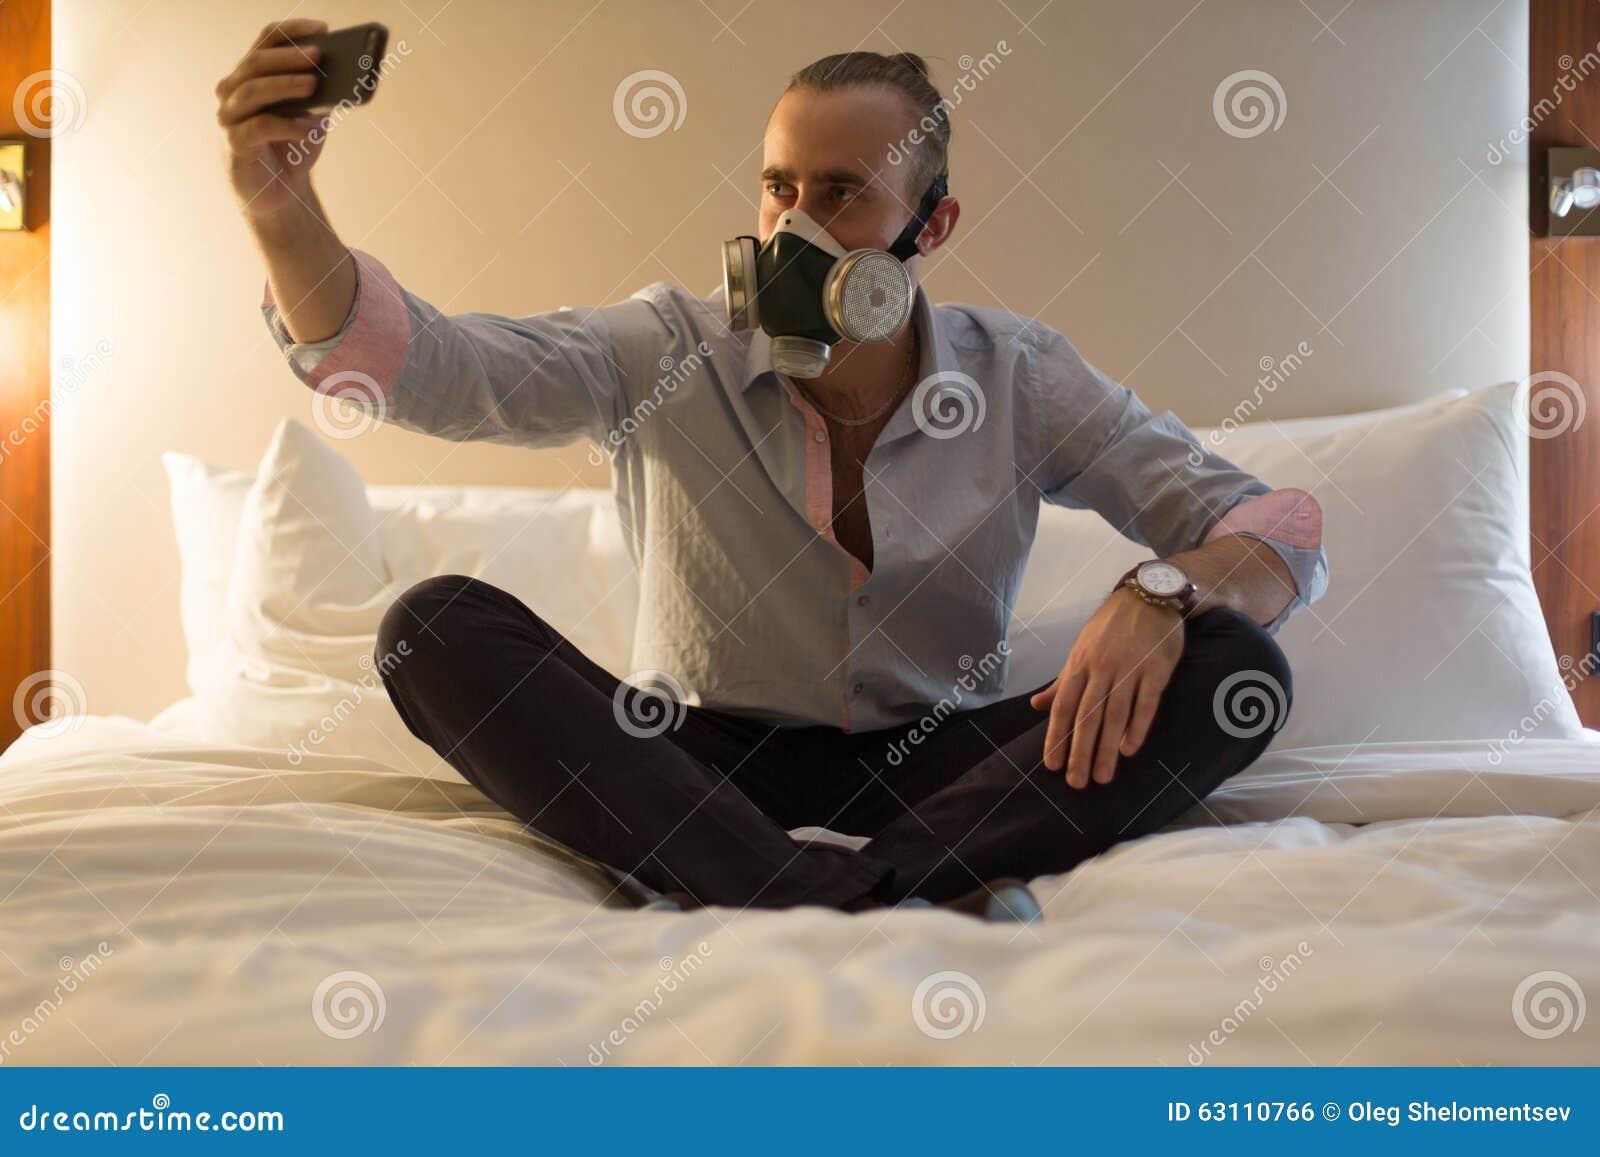 Uomo in respiratore sul letto fotografia stock immagine 63110766 - Far impazzire uomo a letto ...